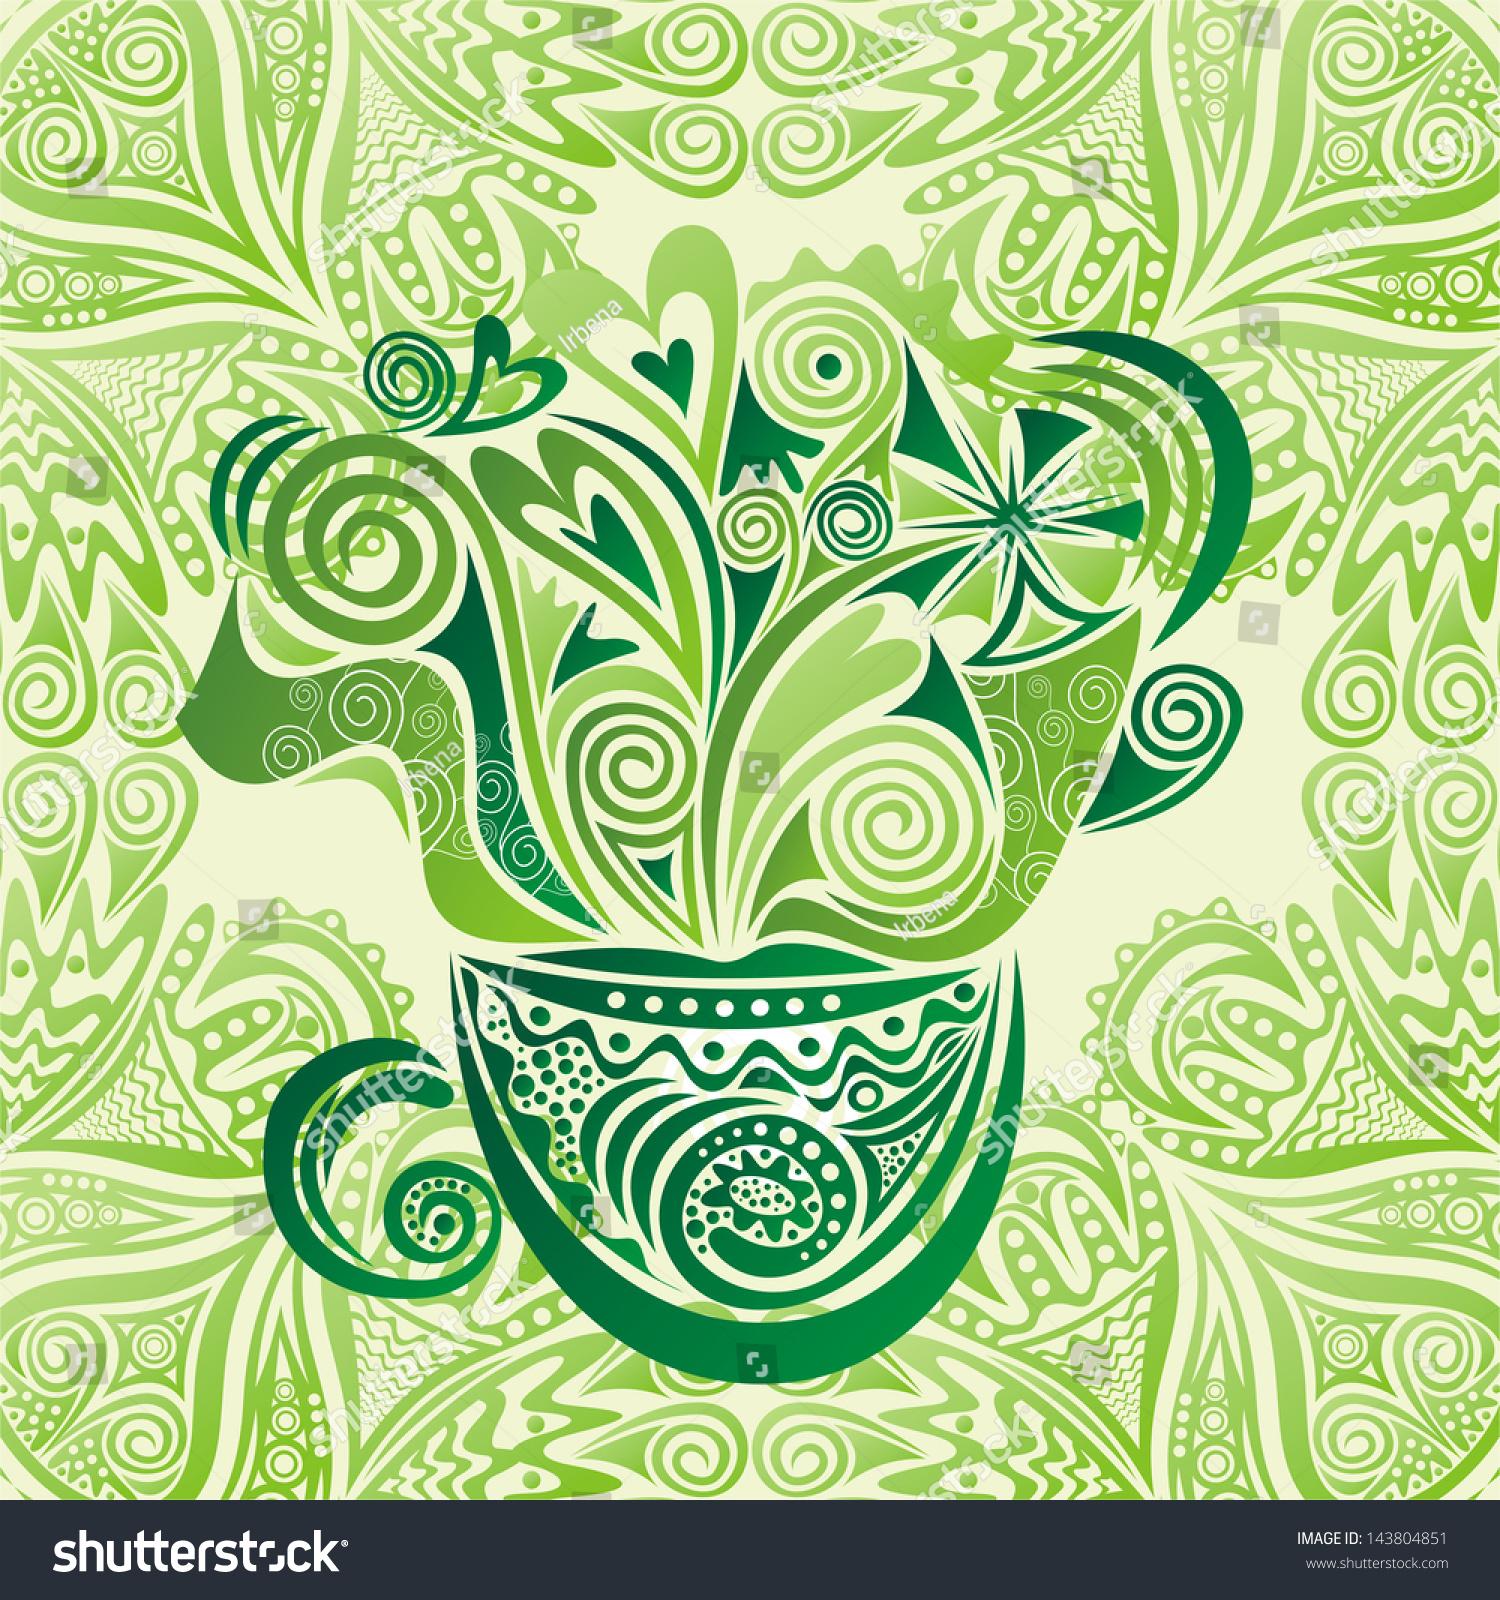 绿茶矢量图-背景/素材